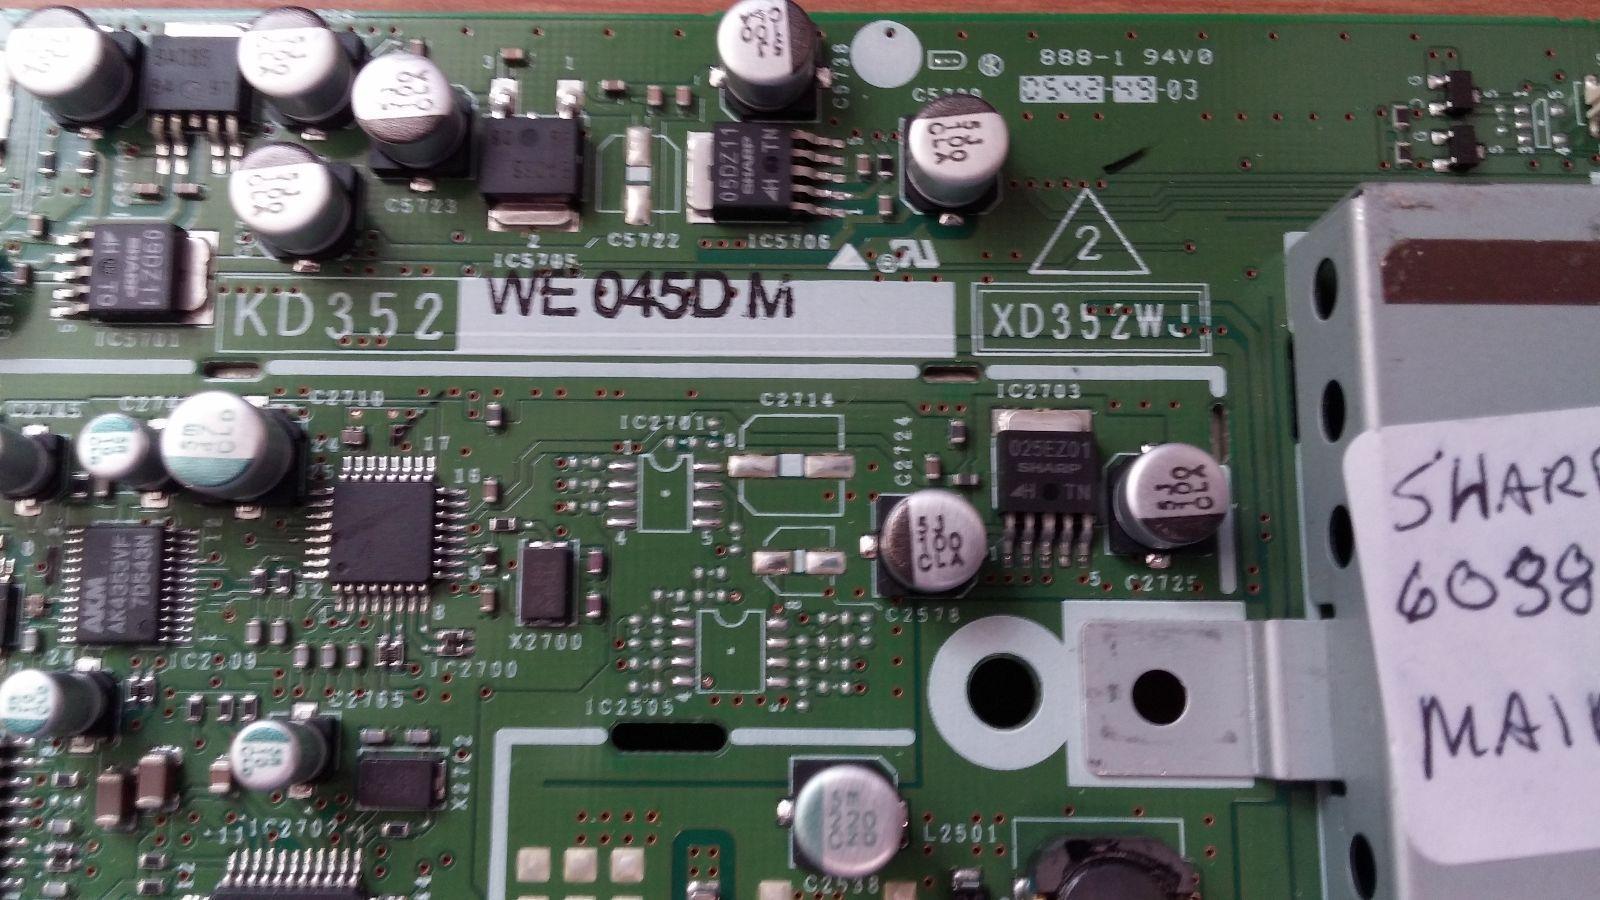 Sharp DUNTKD352WE05 (KD352, XD352WJ) Main Board